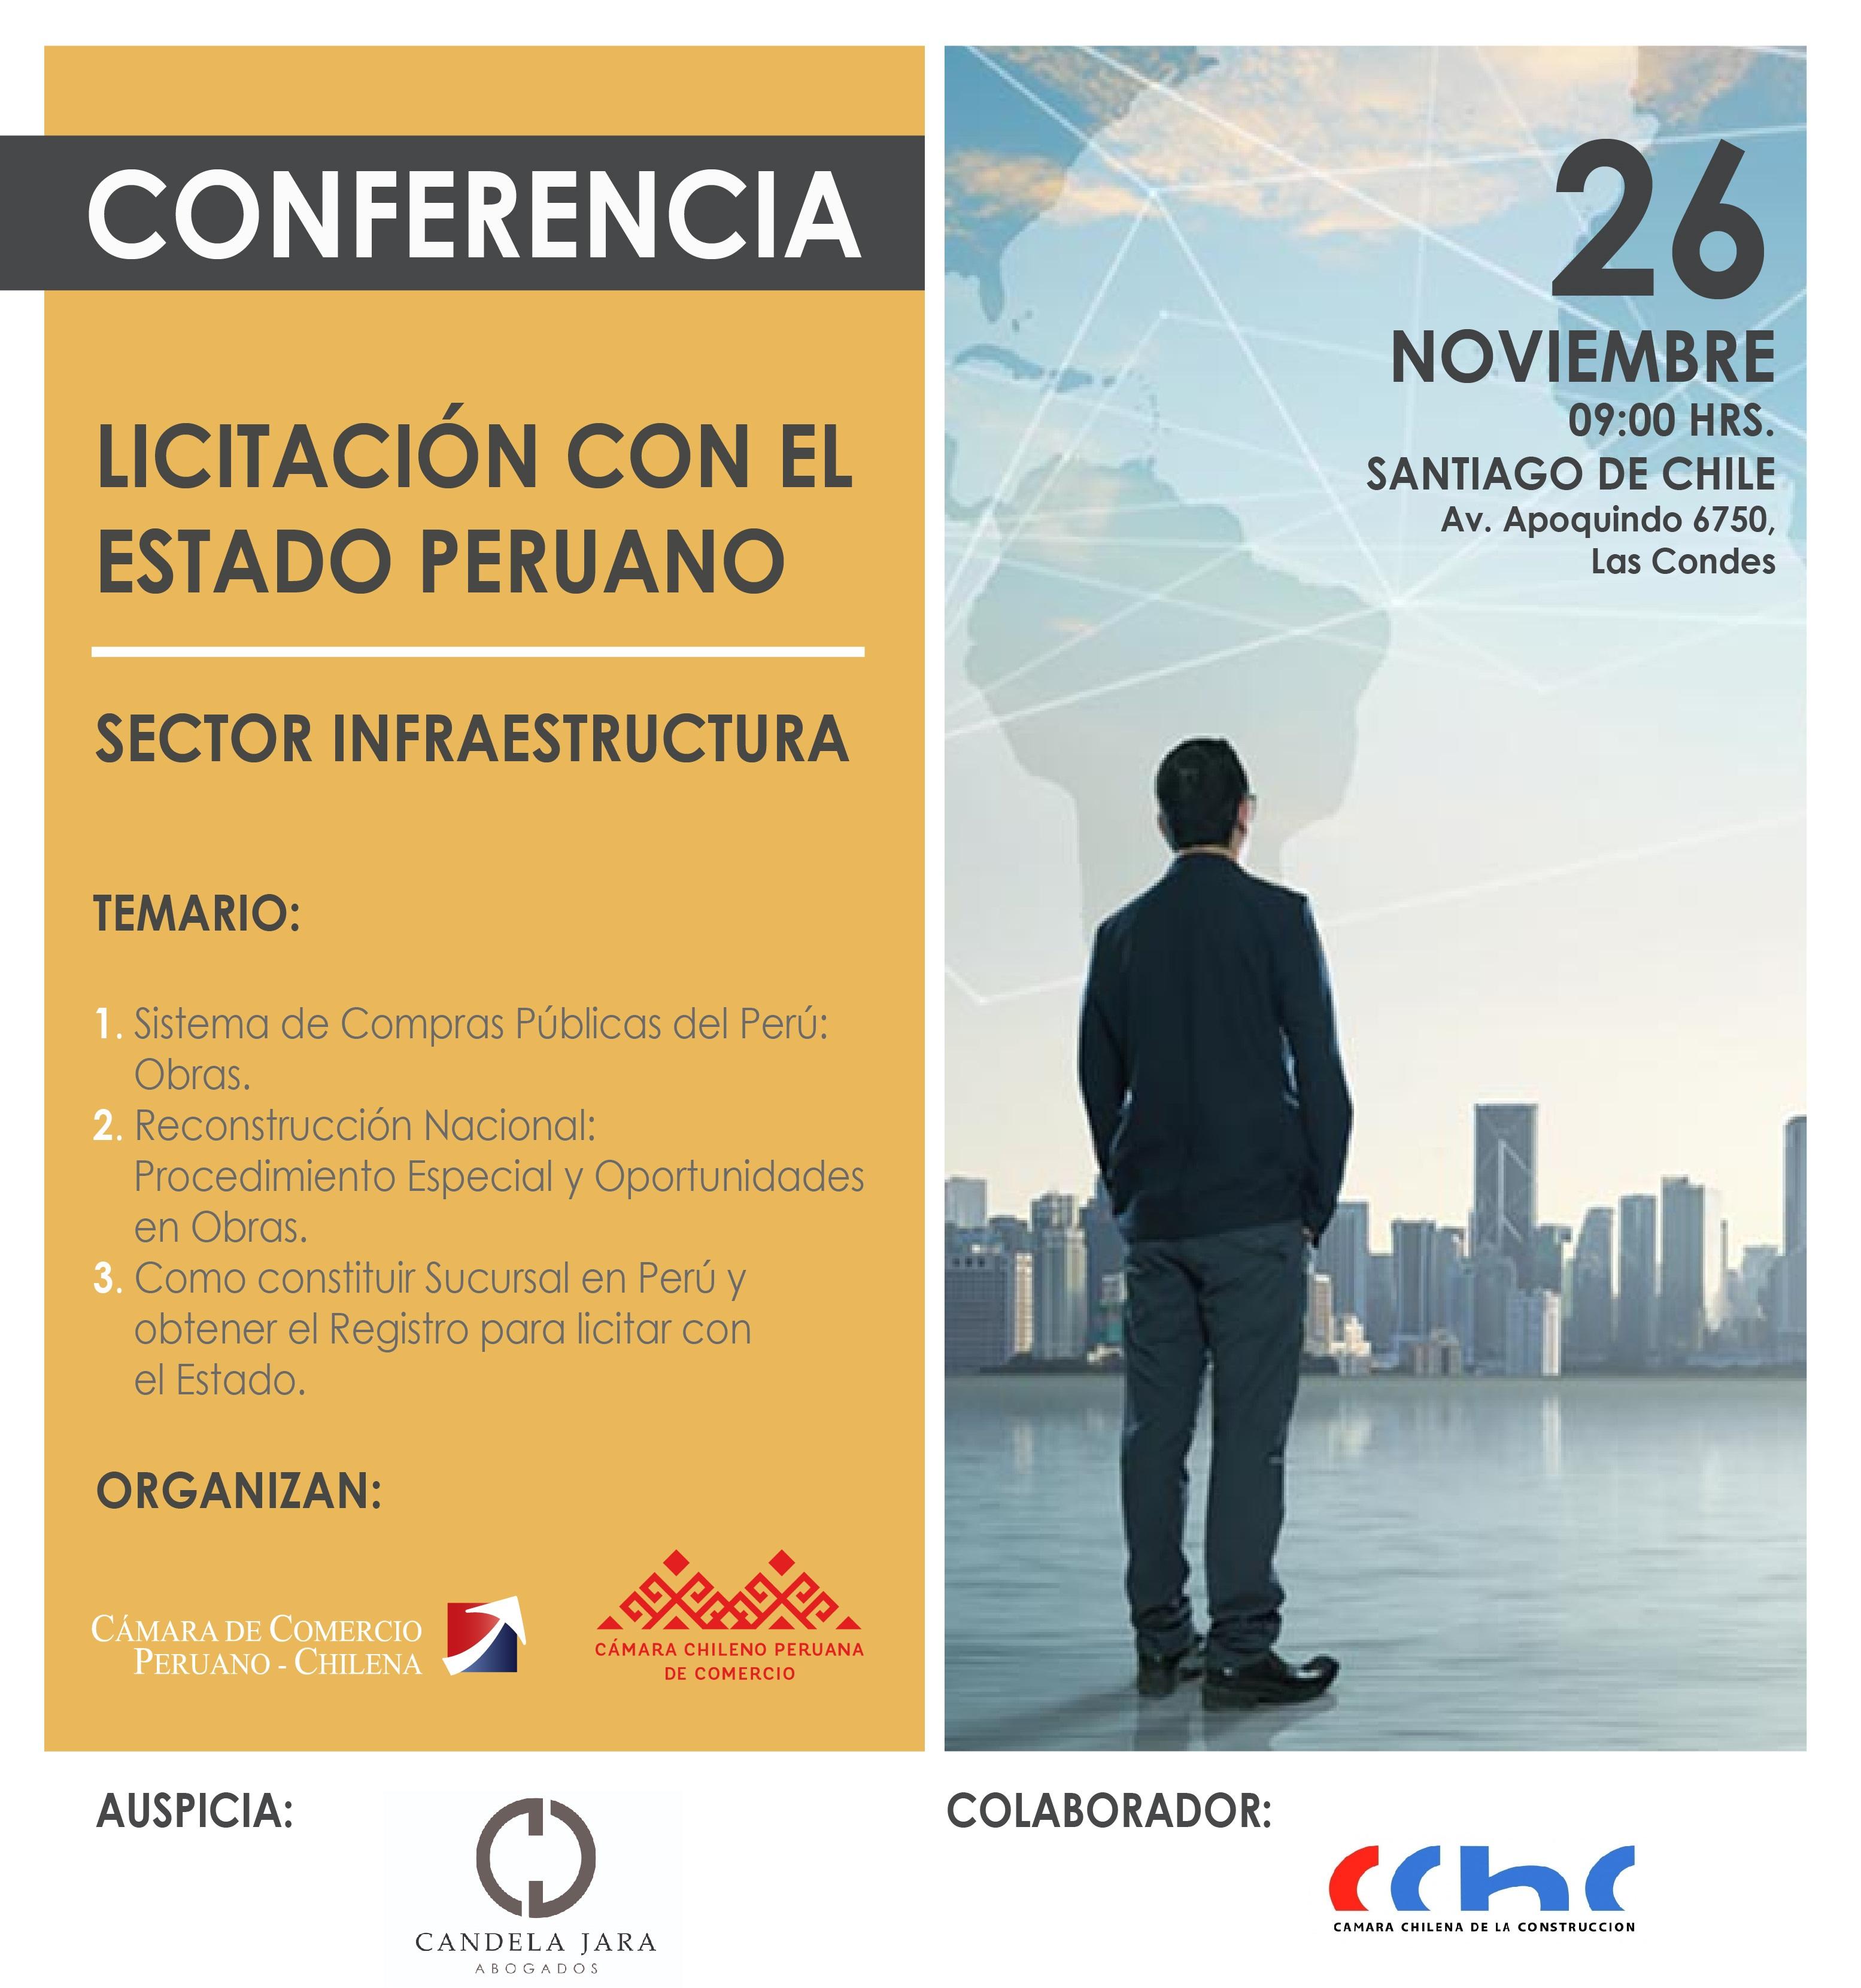 conferencia noviembre 02